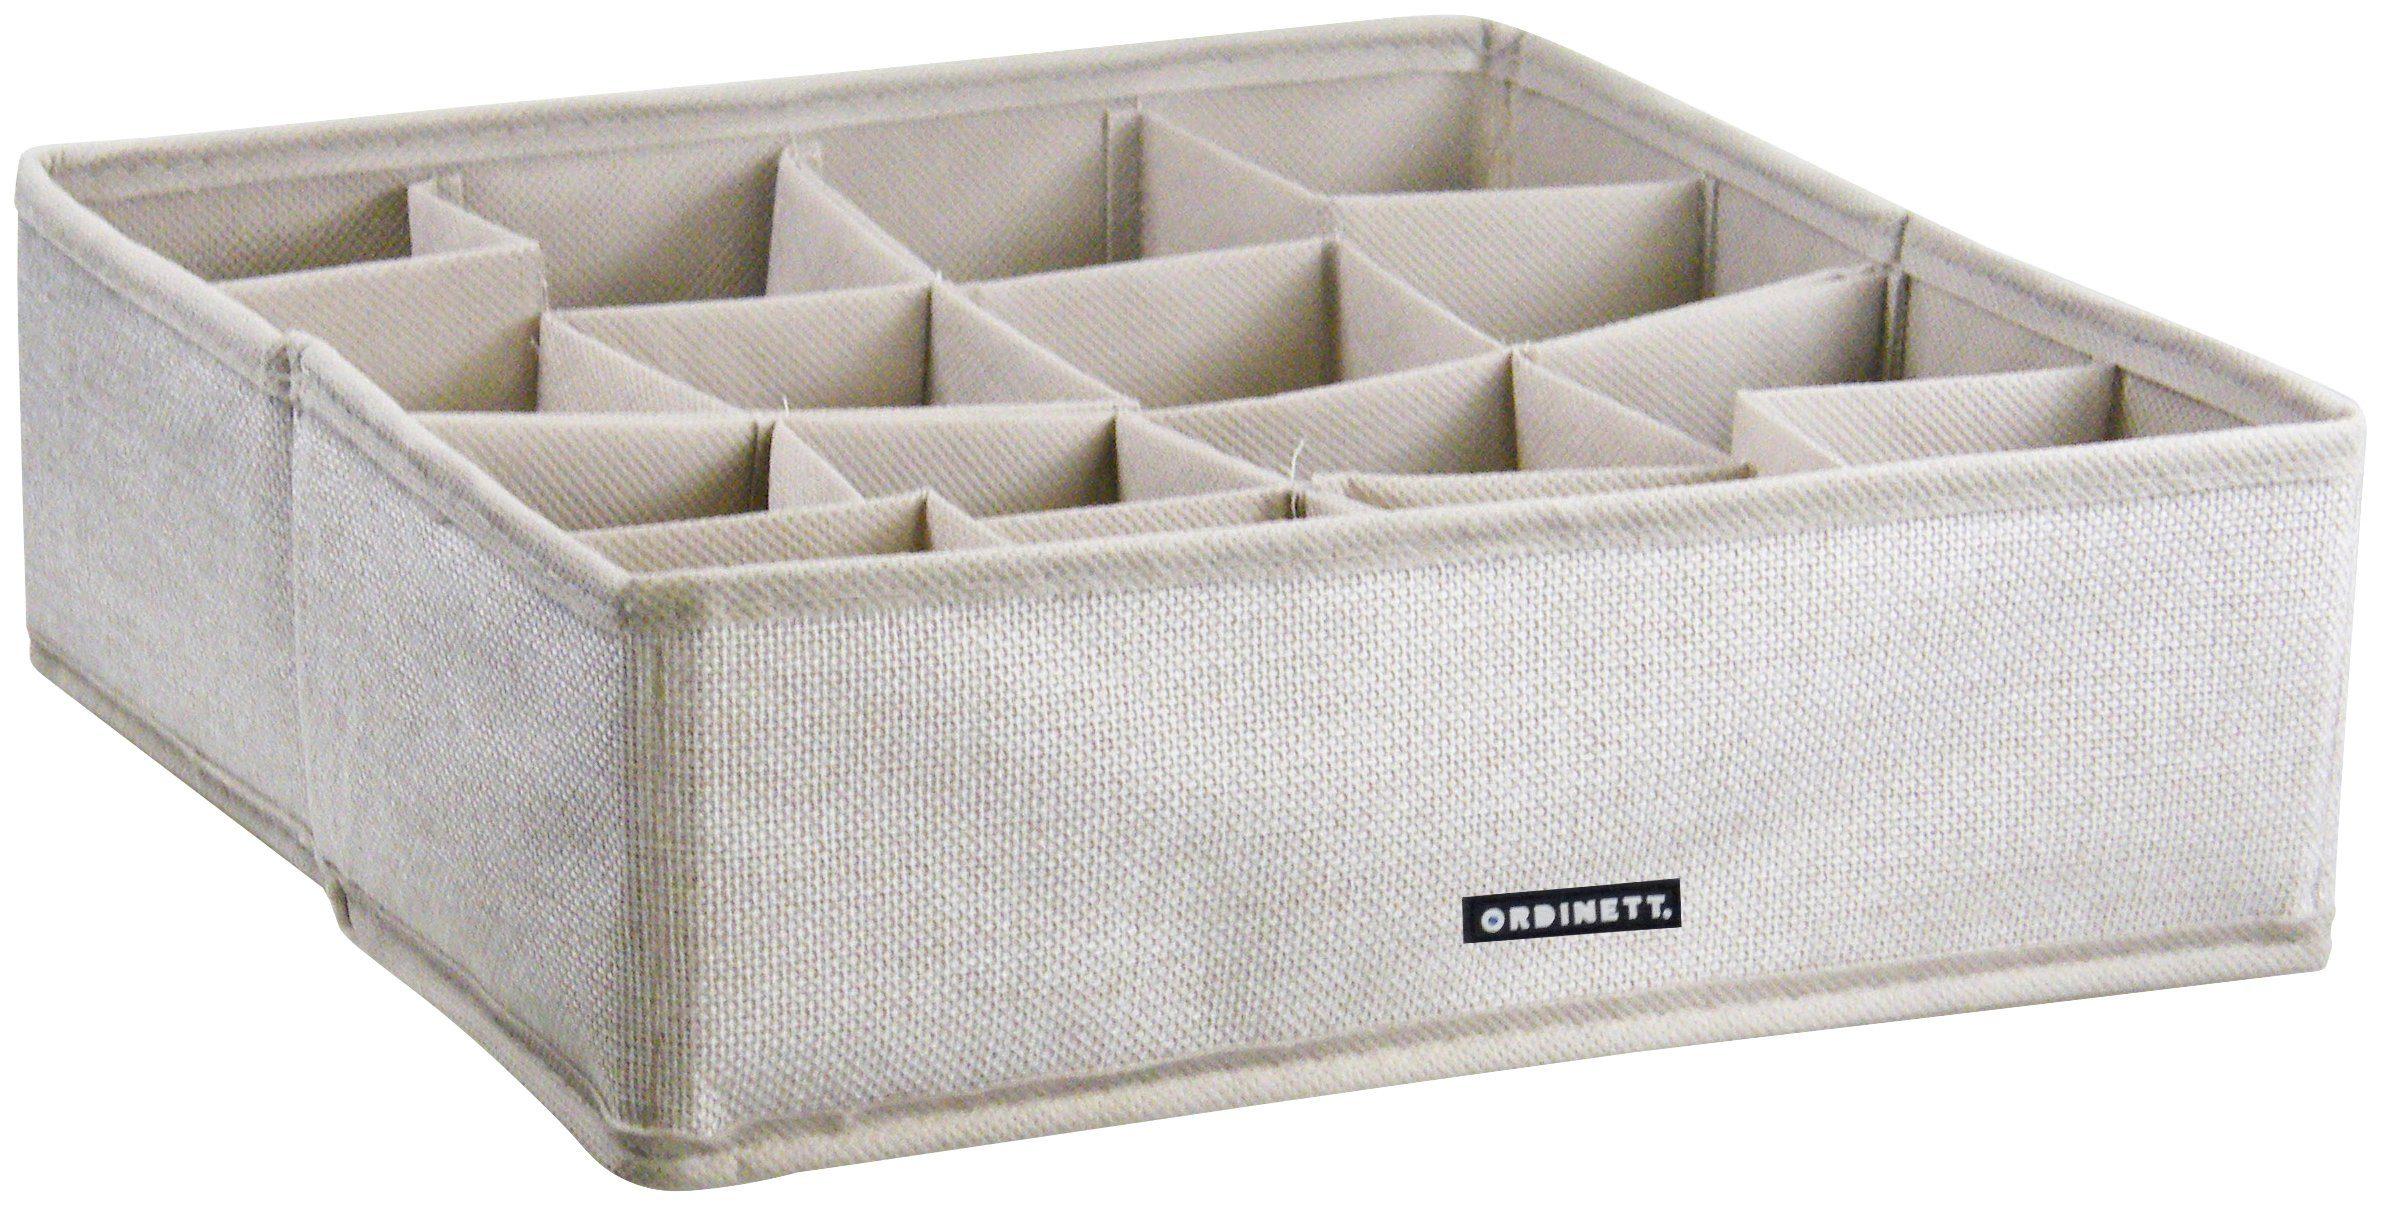 Aufbewahrungsbox »Linette Ordnungshelfer Schubfach, 30,5x30,5x10 cm, 2er-Set«